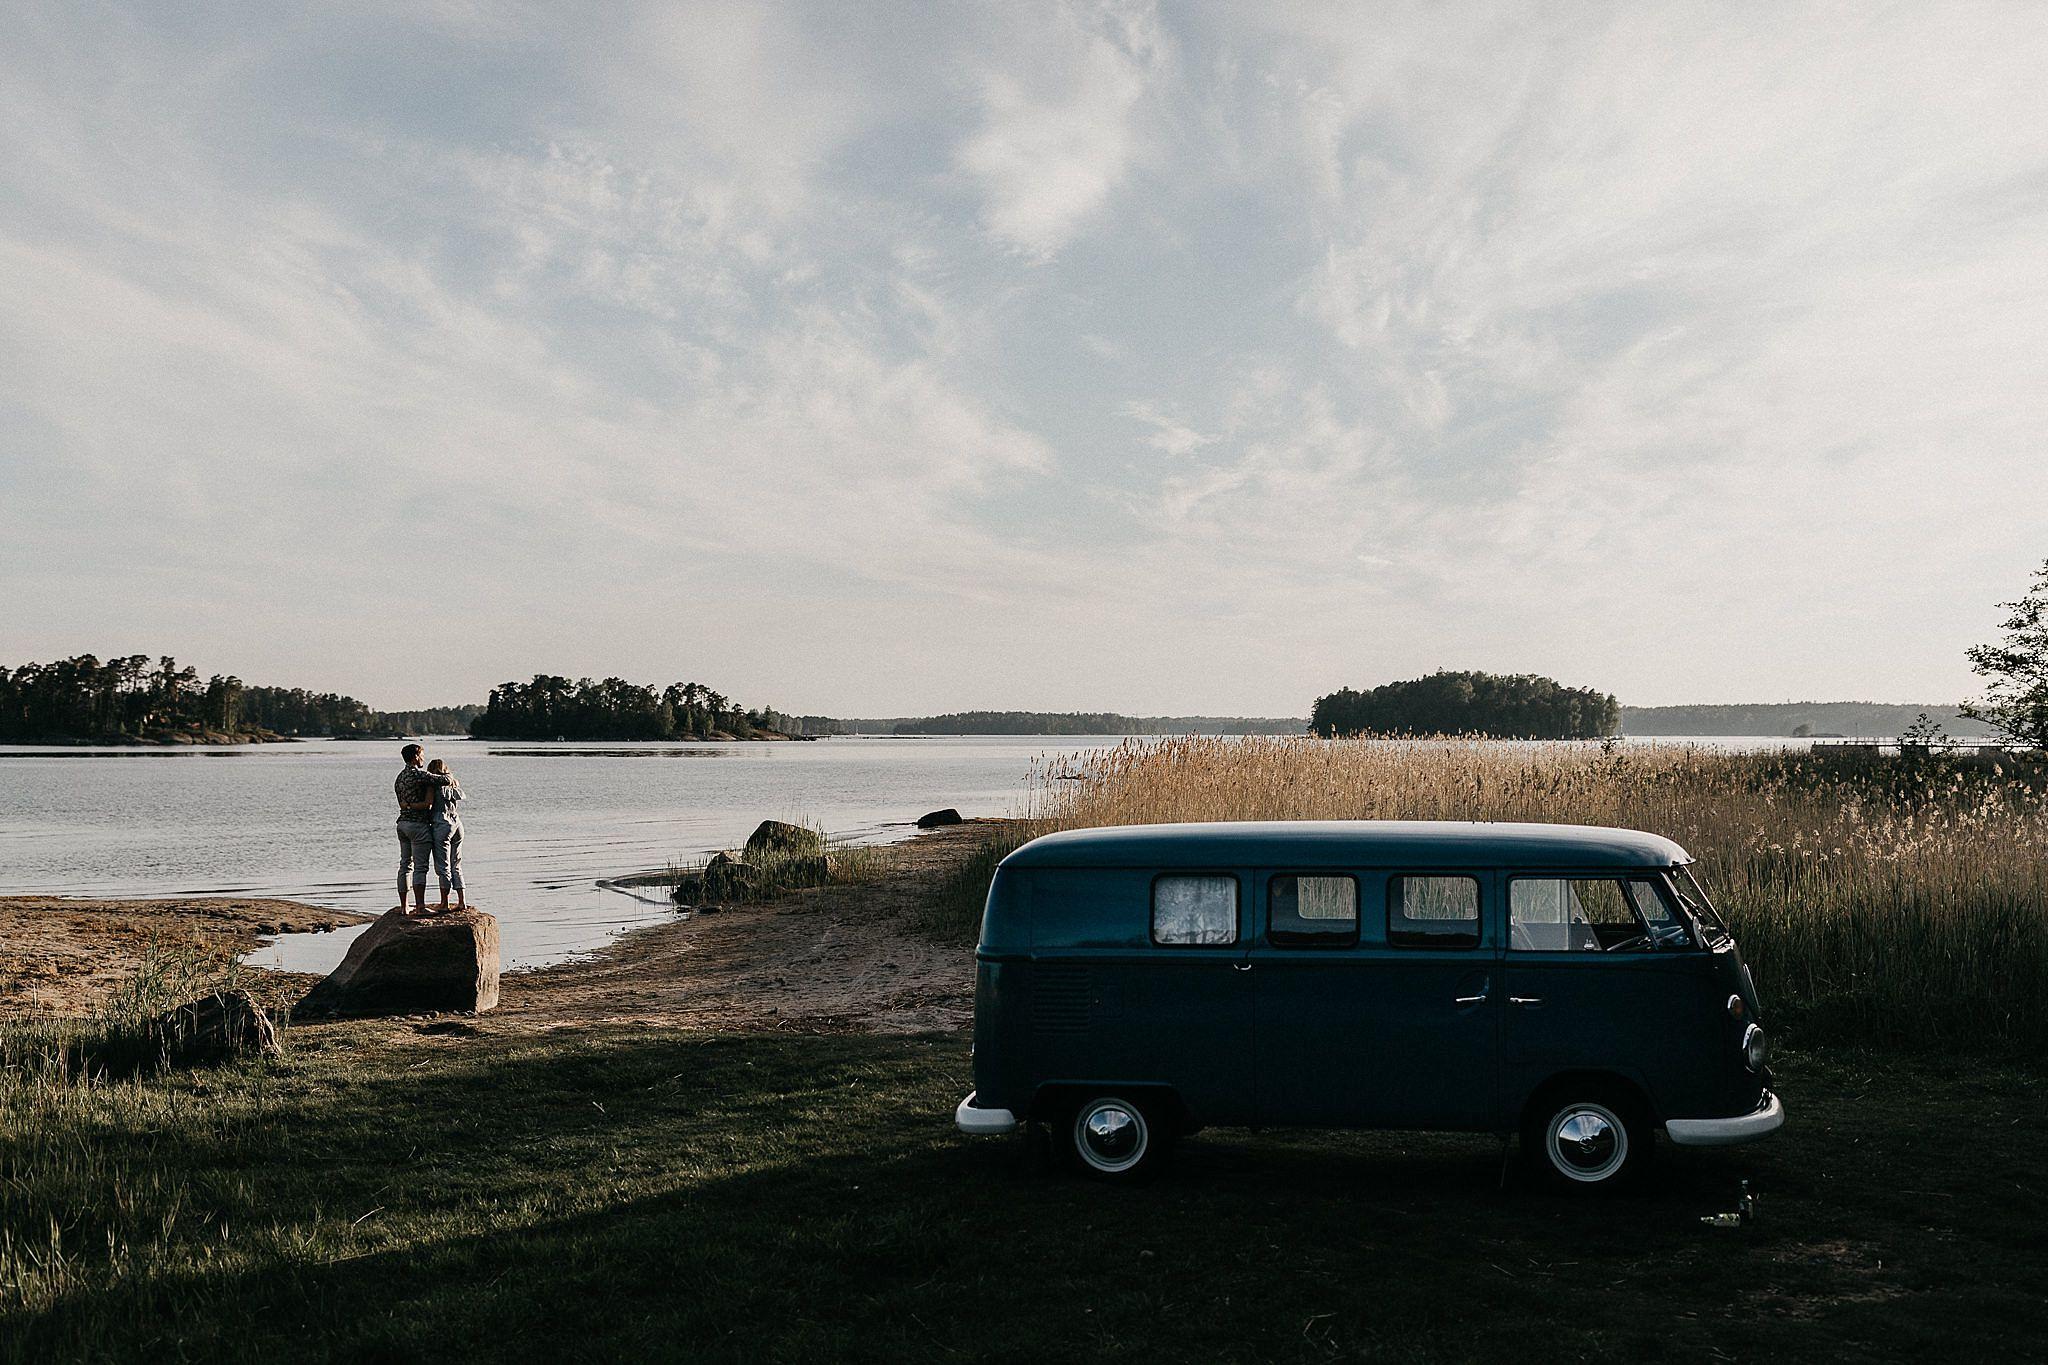 kihlakuvaus_meren rannalla_helsinki_volkswagen_type2_0018.jpg